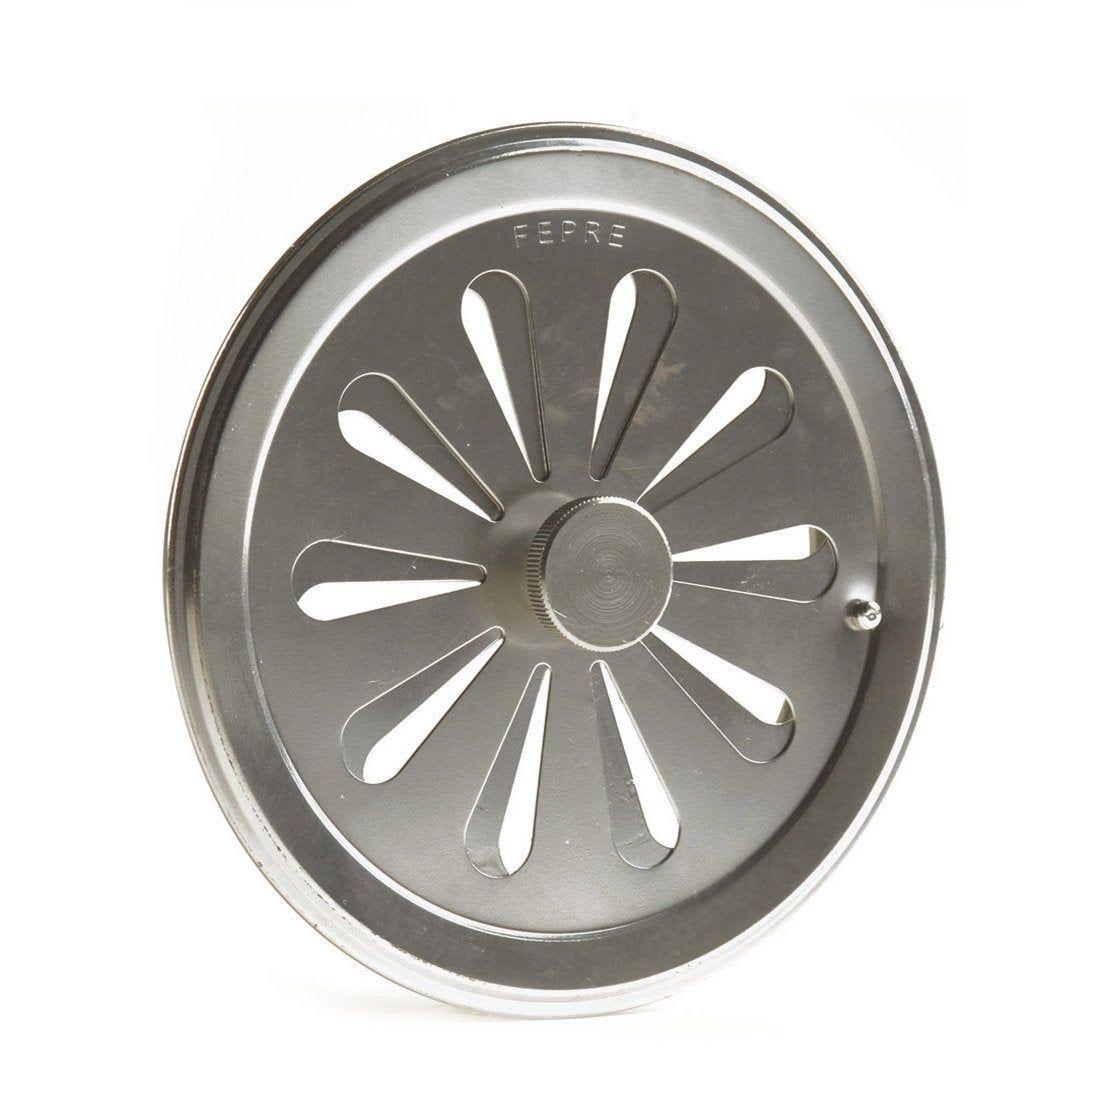 Grille D Aeration Aluminium Chrome Diam 12 Cm Ferreteria Y Prensas Aeration Grille Et Produits